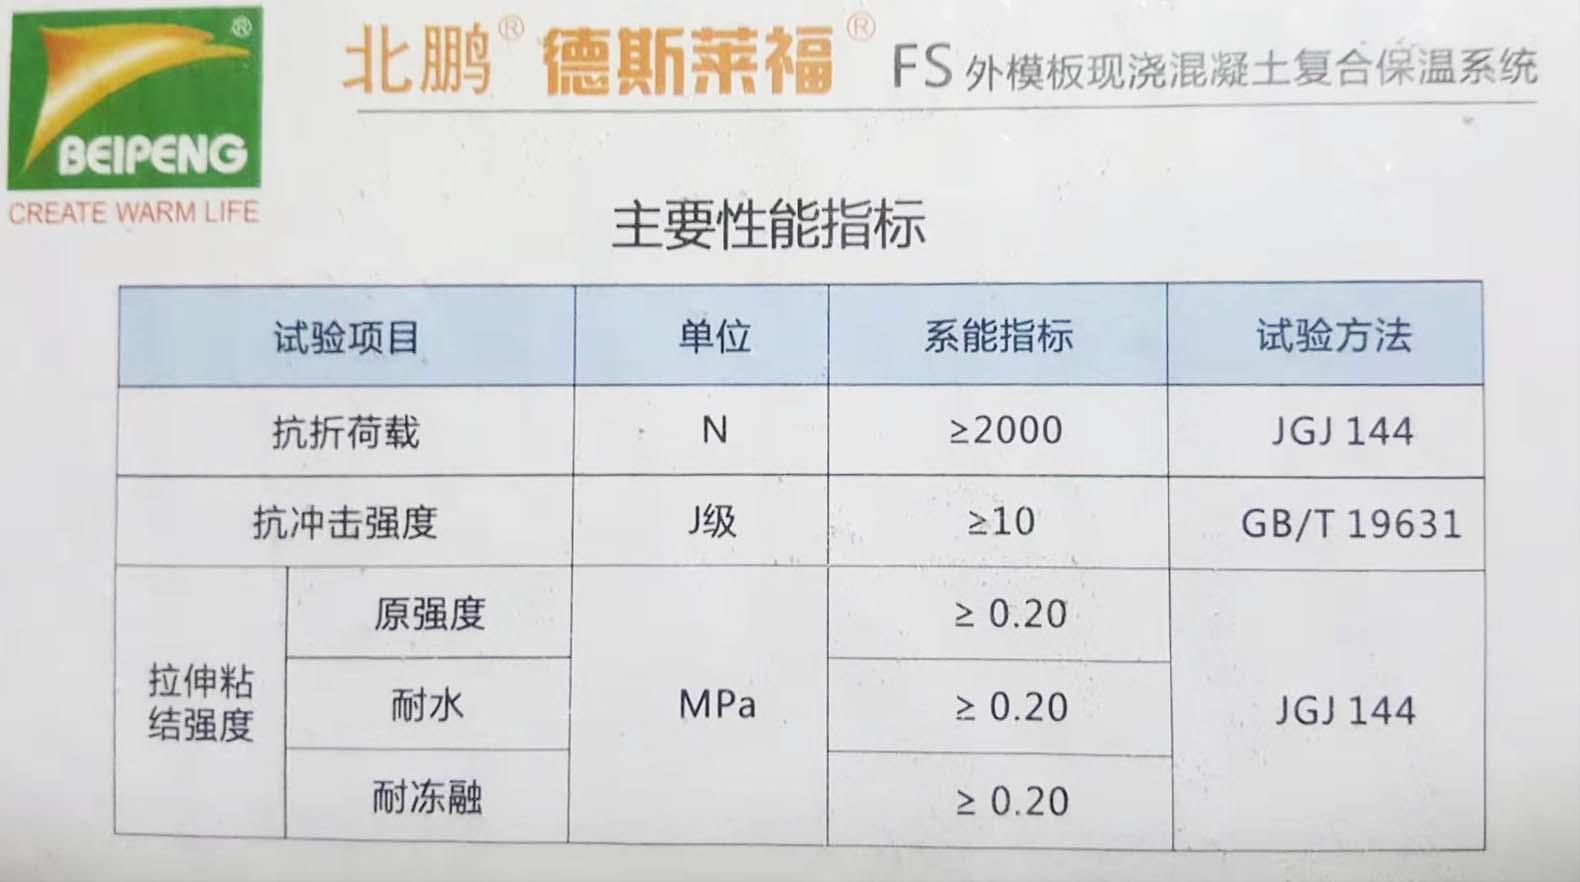 FS复合保温外模板